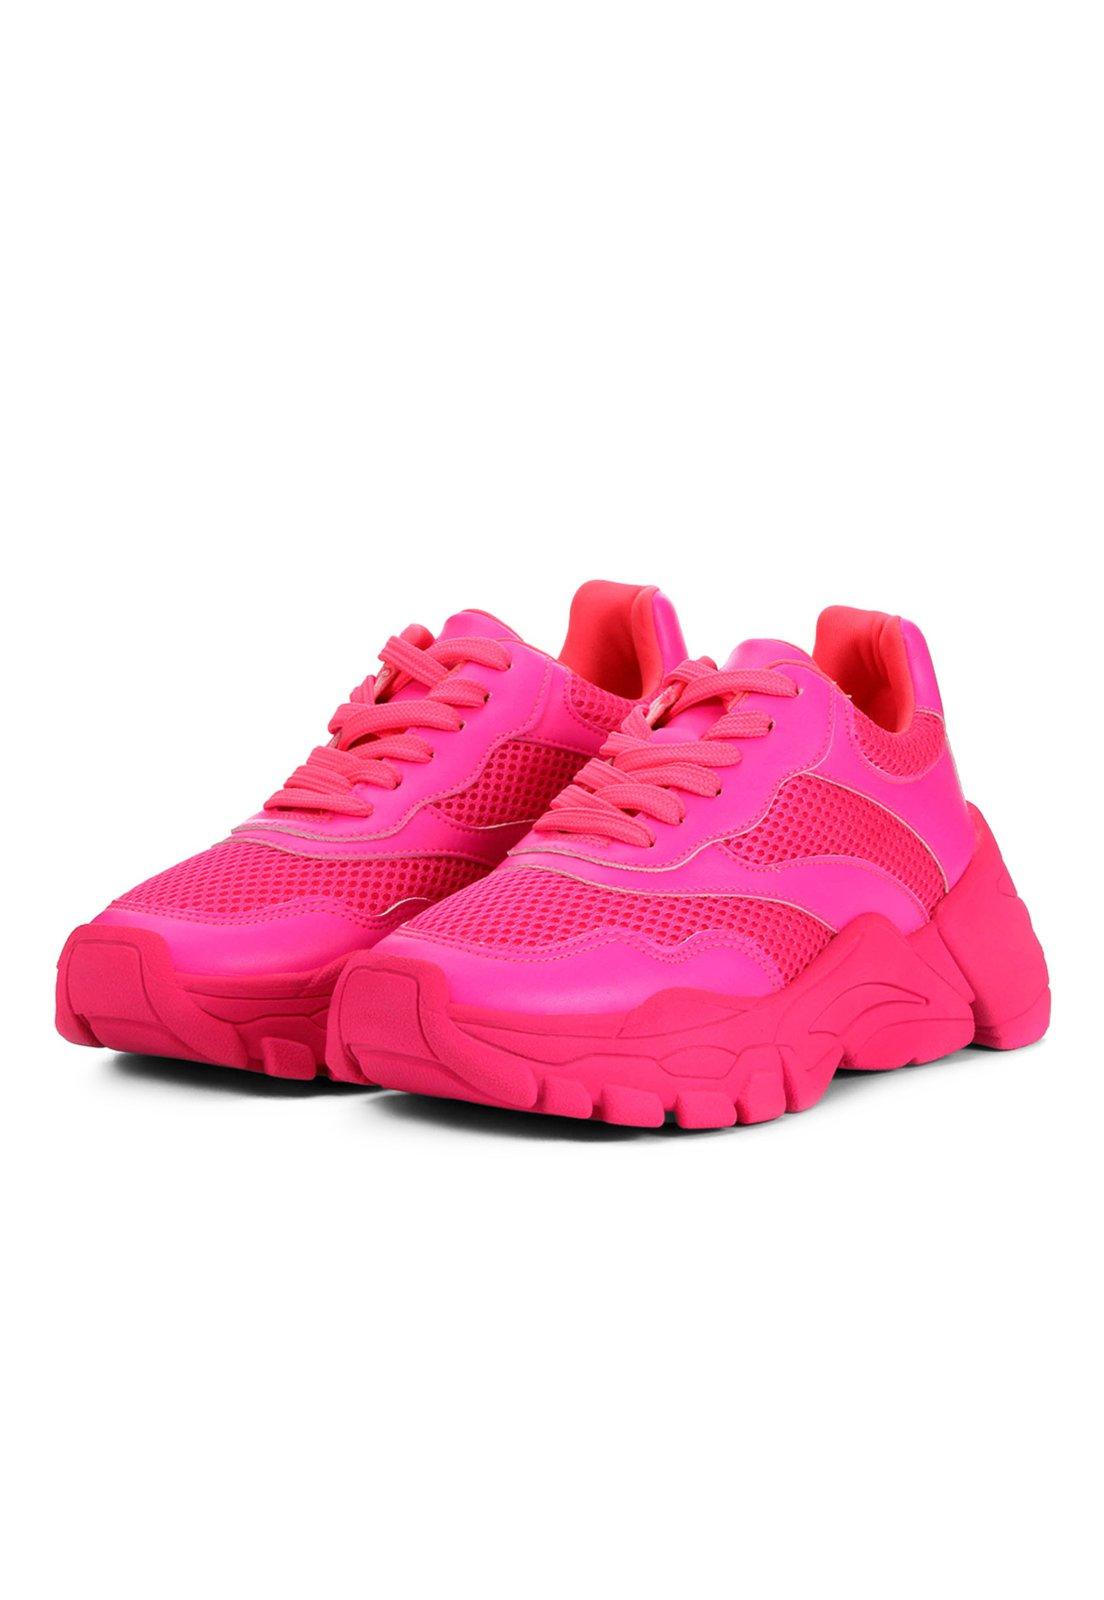 Chunky Doris Damannu Shoes Pink Neon